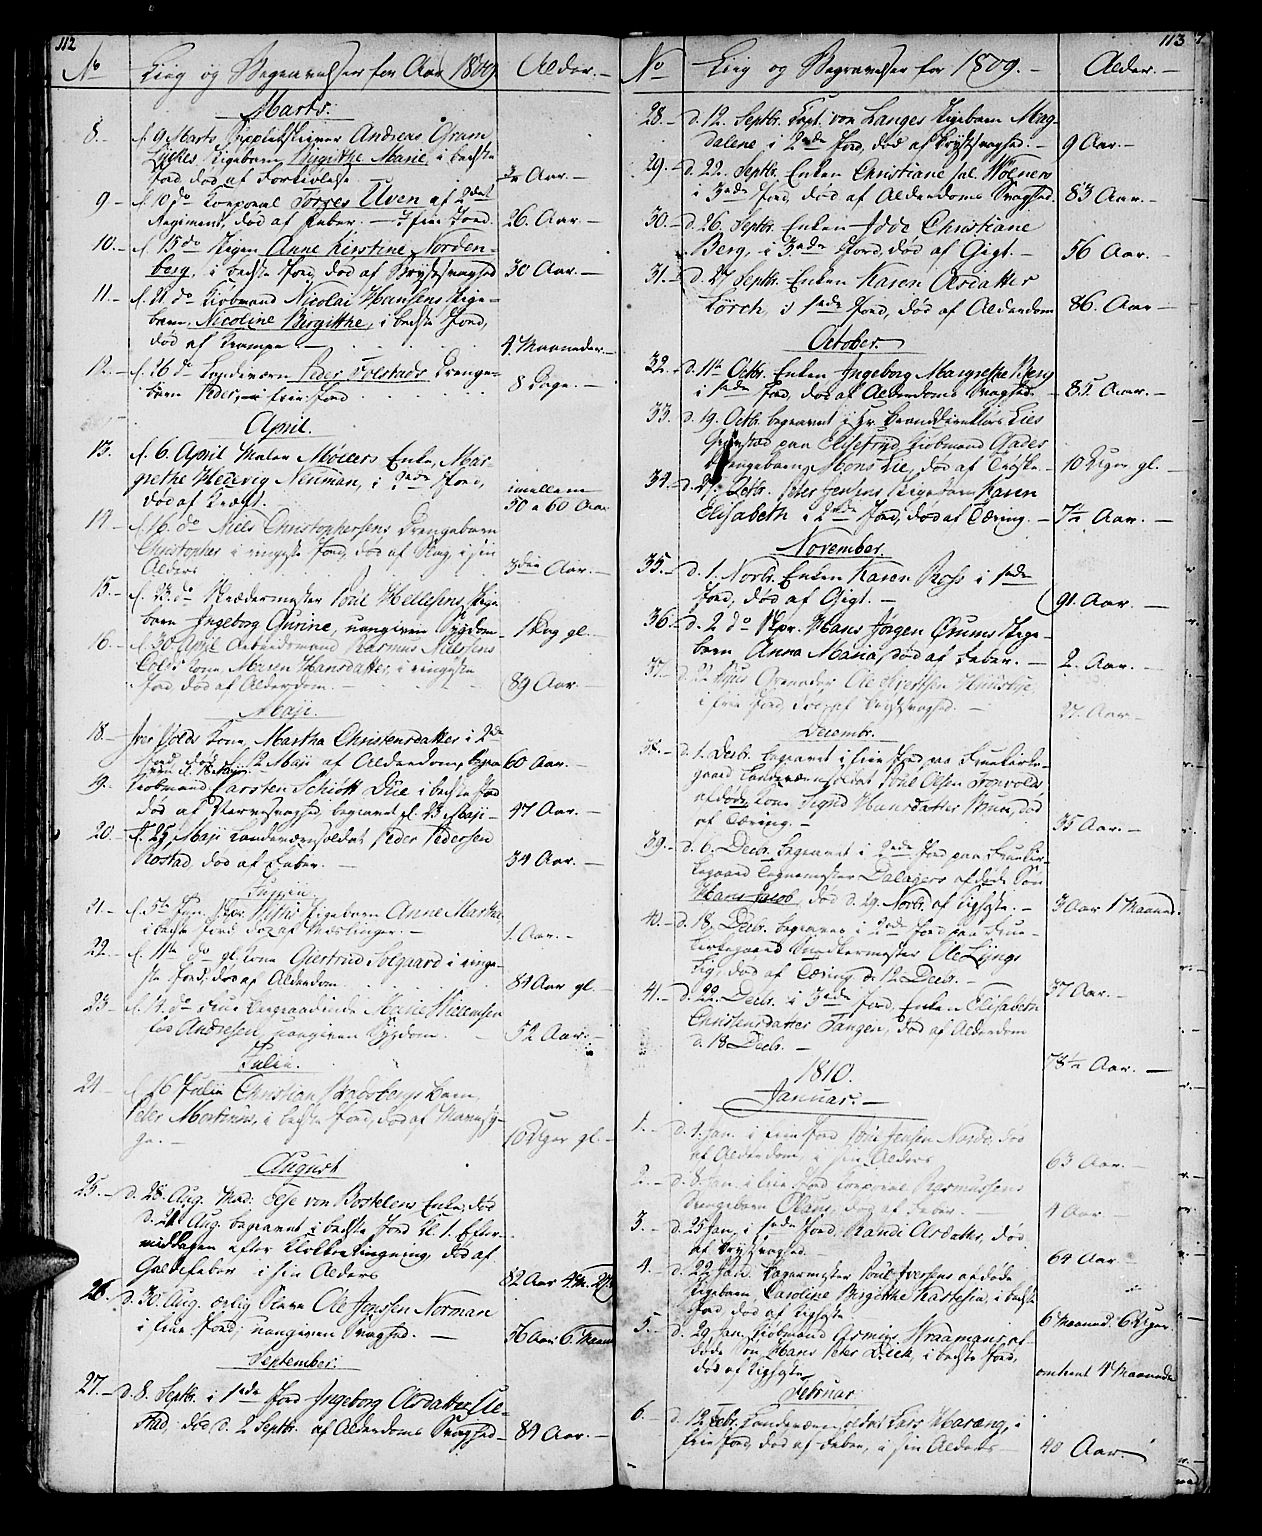 SAT, Ministerialprotokoller, klokkerbøker og fødselsregistre - Sør-Trøndelag, 602/L0134: Klokkerbok nr. 602C02, 1759-1812, s. 112-113